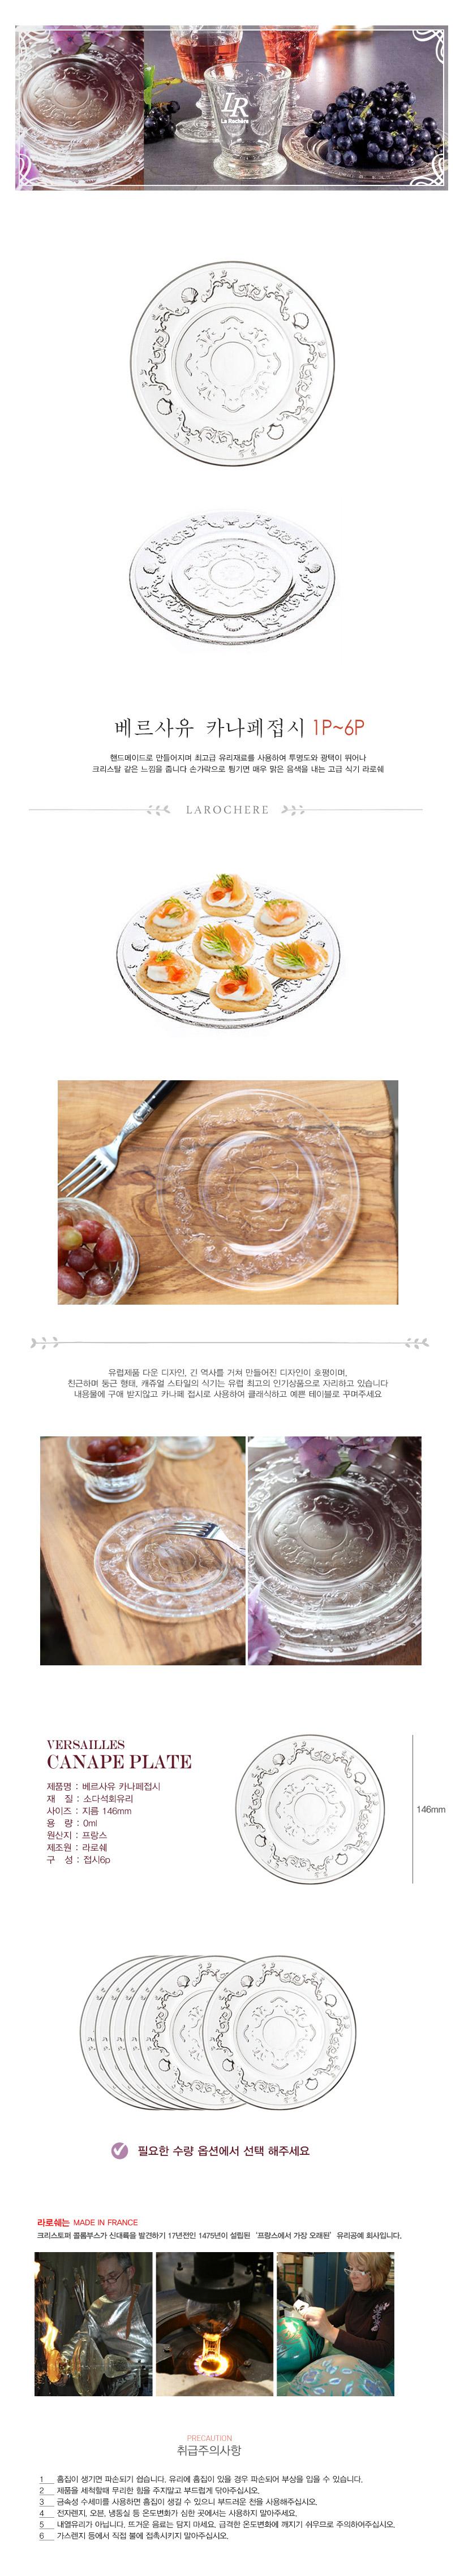 라로쉐 베르사유 카나페 접시 (수량선택)/예쁜유리접시/수입유리접시/프랑스접시/larochere 632201 - 재미있는생활, 16,000원, 접시/찬기, 접시